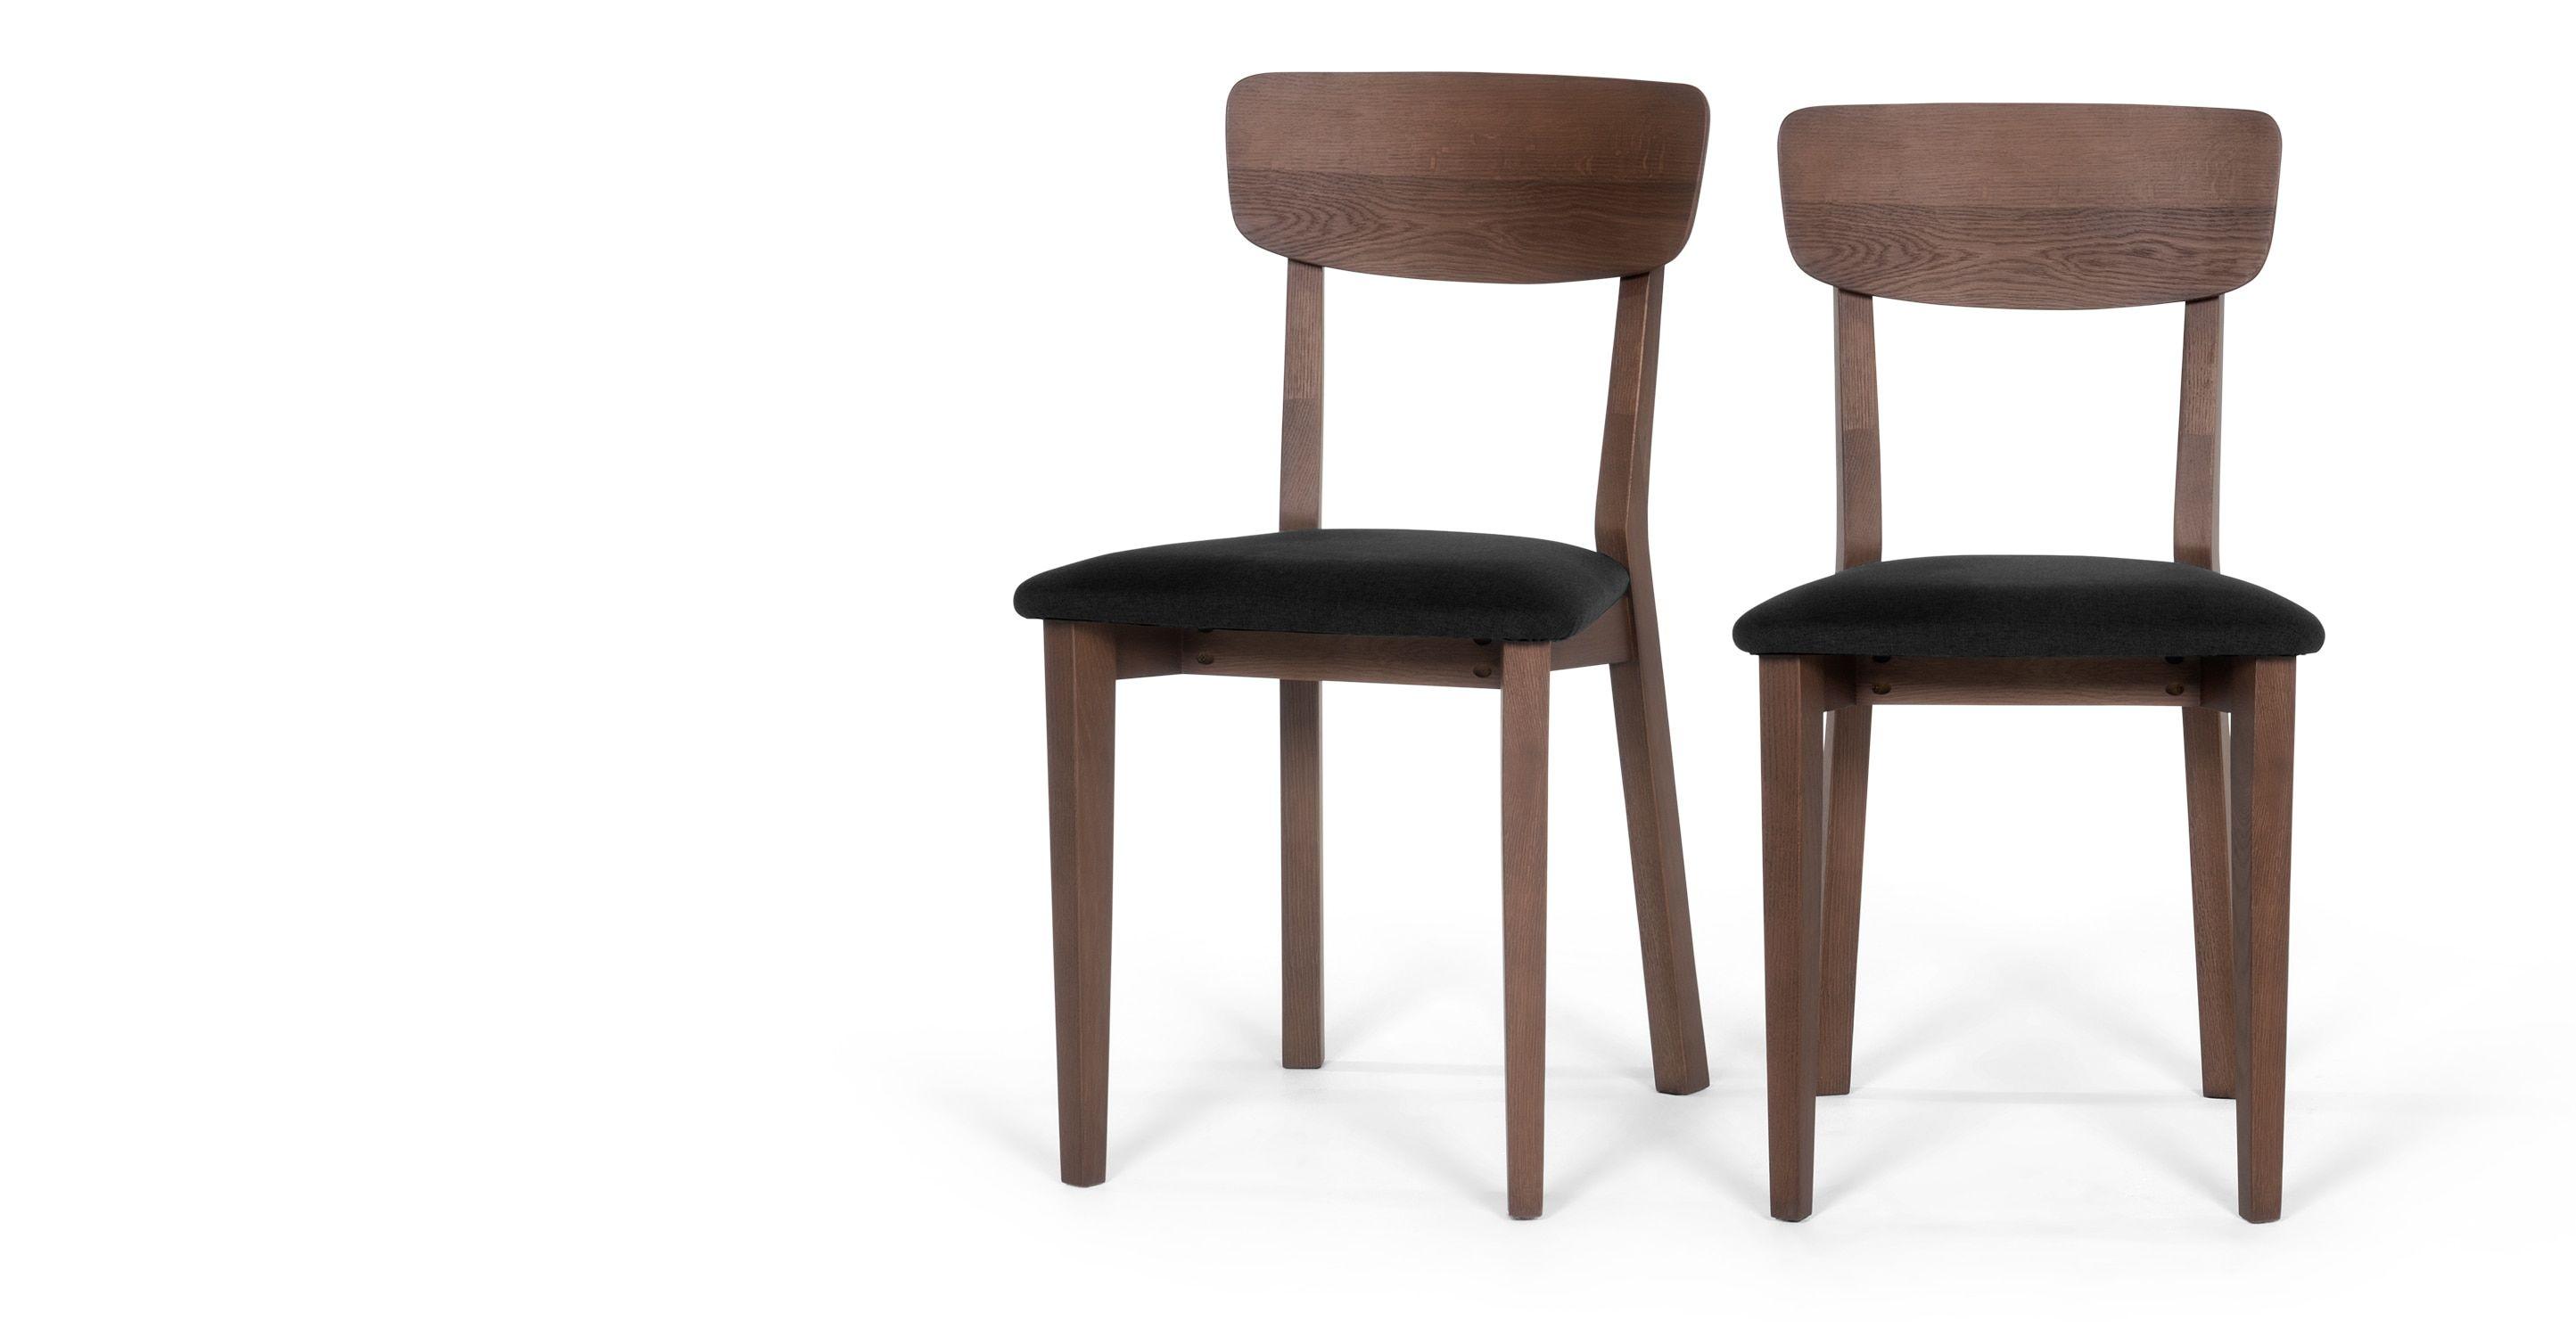 Esszimmerstühle design esszimmerstühle 2 x jenson esszimmerstühle dunkle